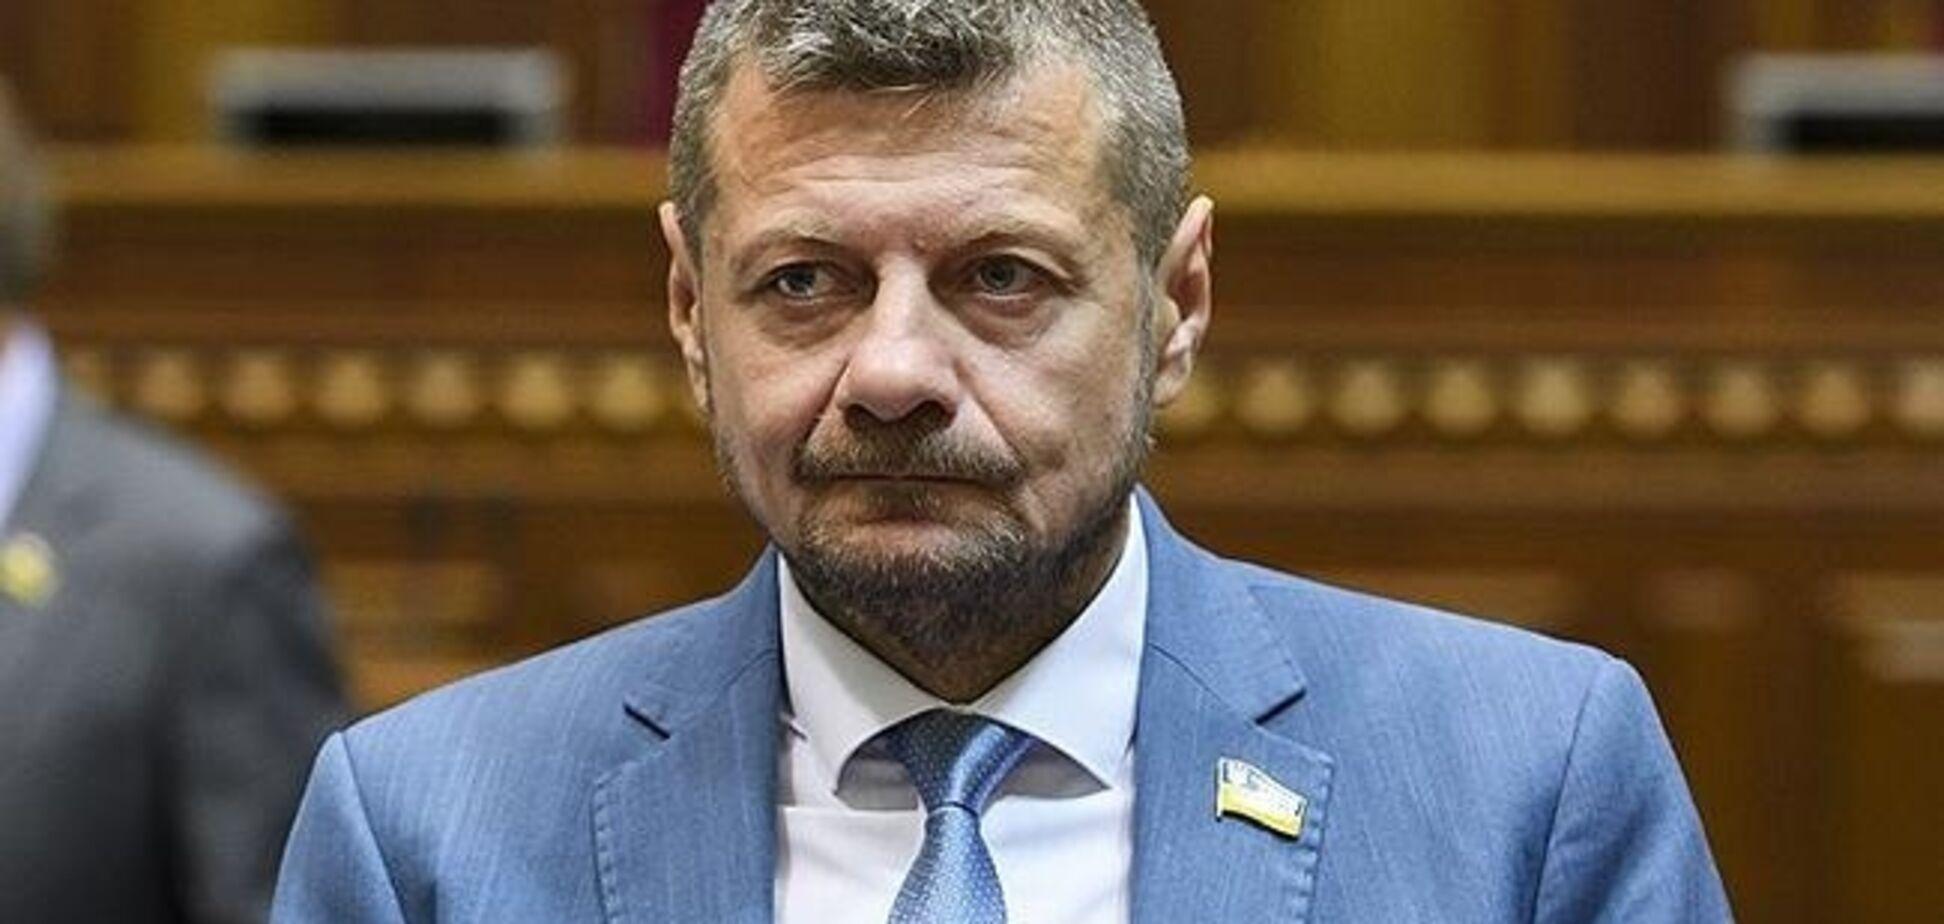 Кто сдал Мосийчука киллерам: нардеп РПЛ сделал громкое обвинение